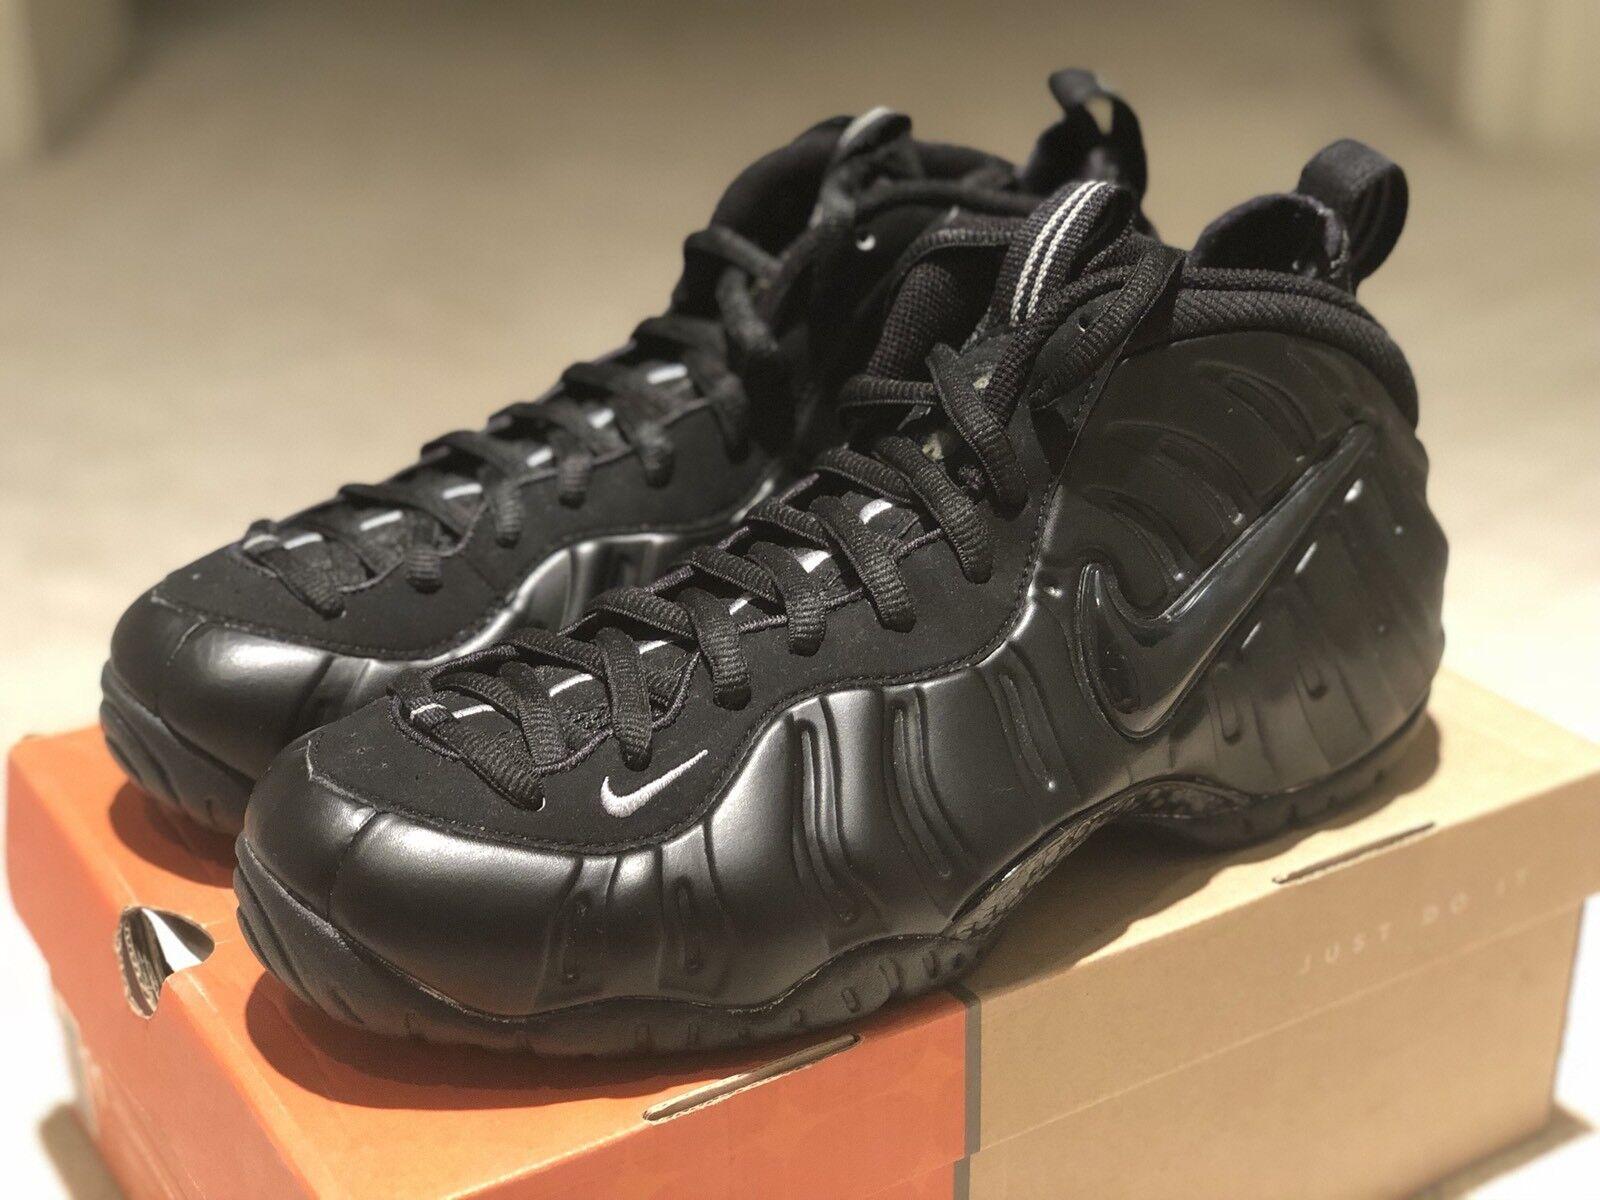 2018 Nike Air Foamposite gris pro Zapatos Tamaño negro gris Foamposite medio 6303002 0a965e